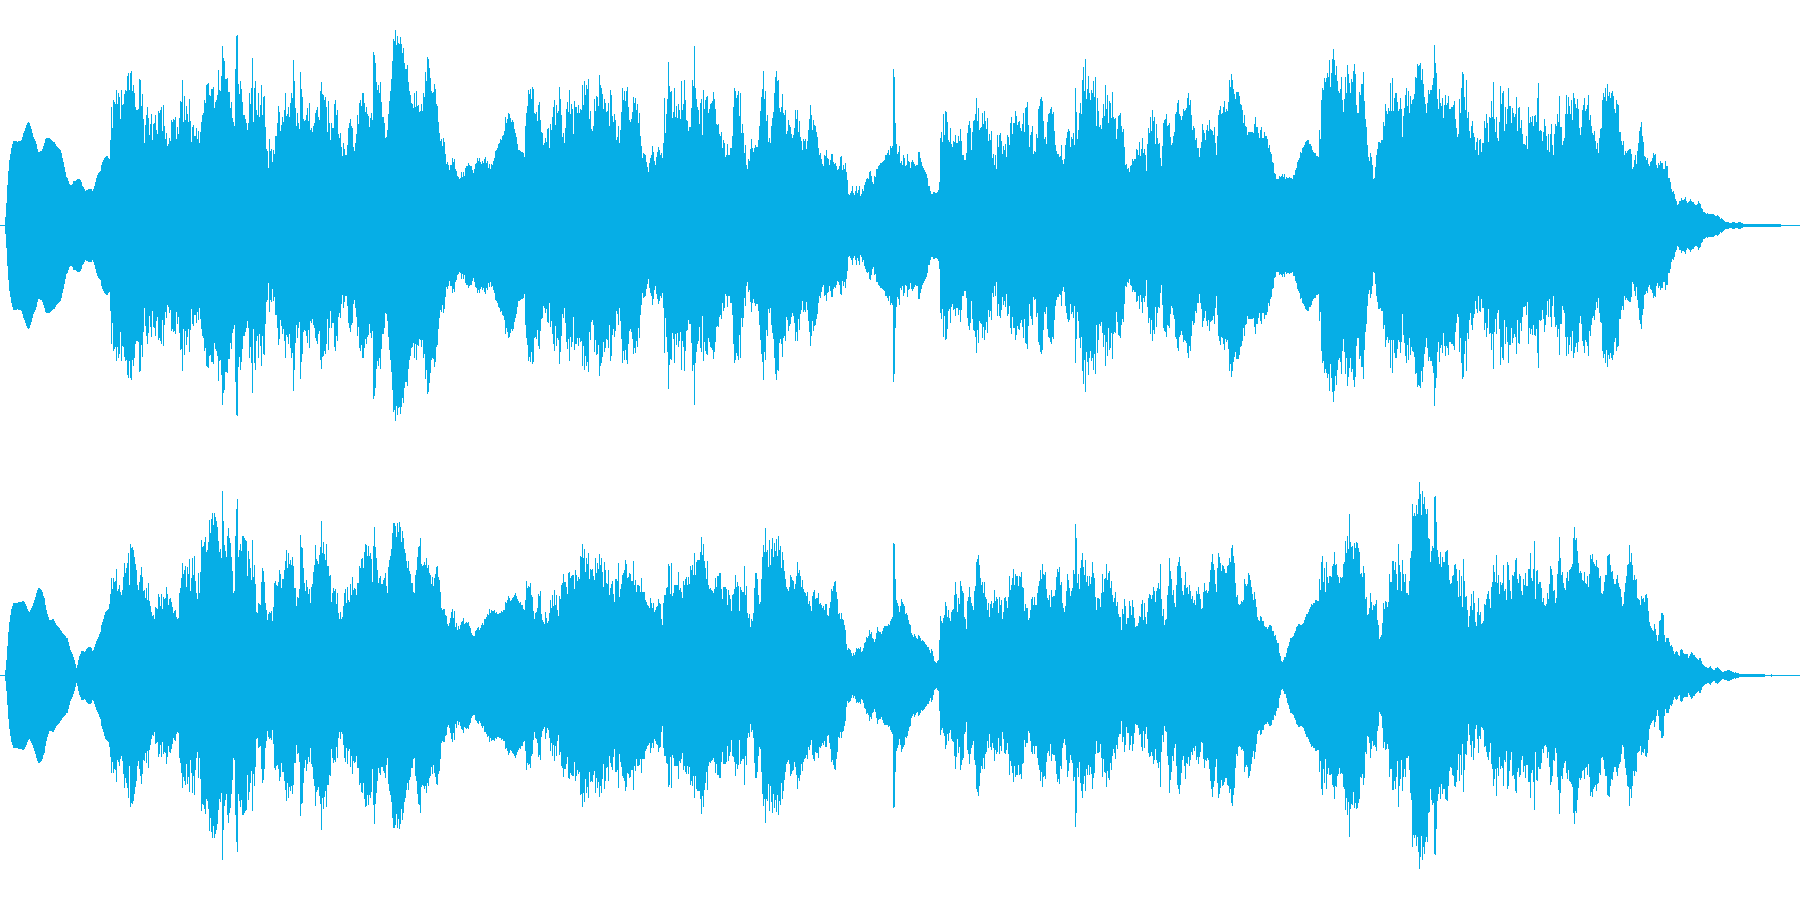 メルヘンの世界の夜のジングルの再生済みの波形